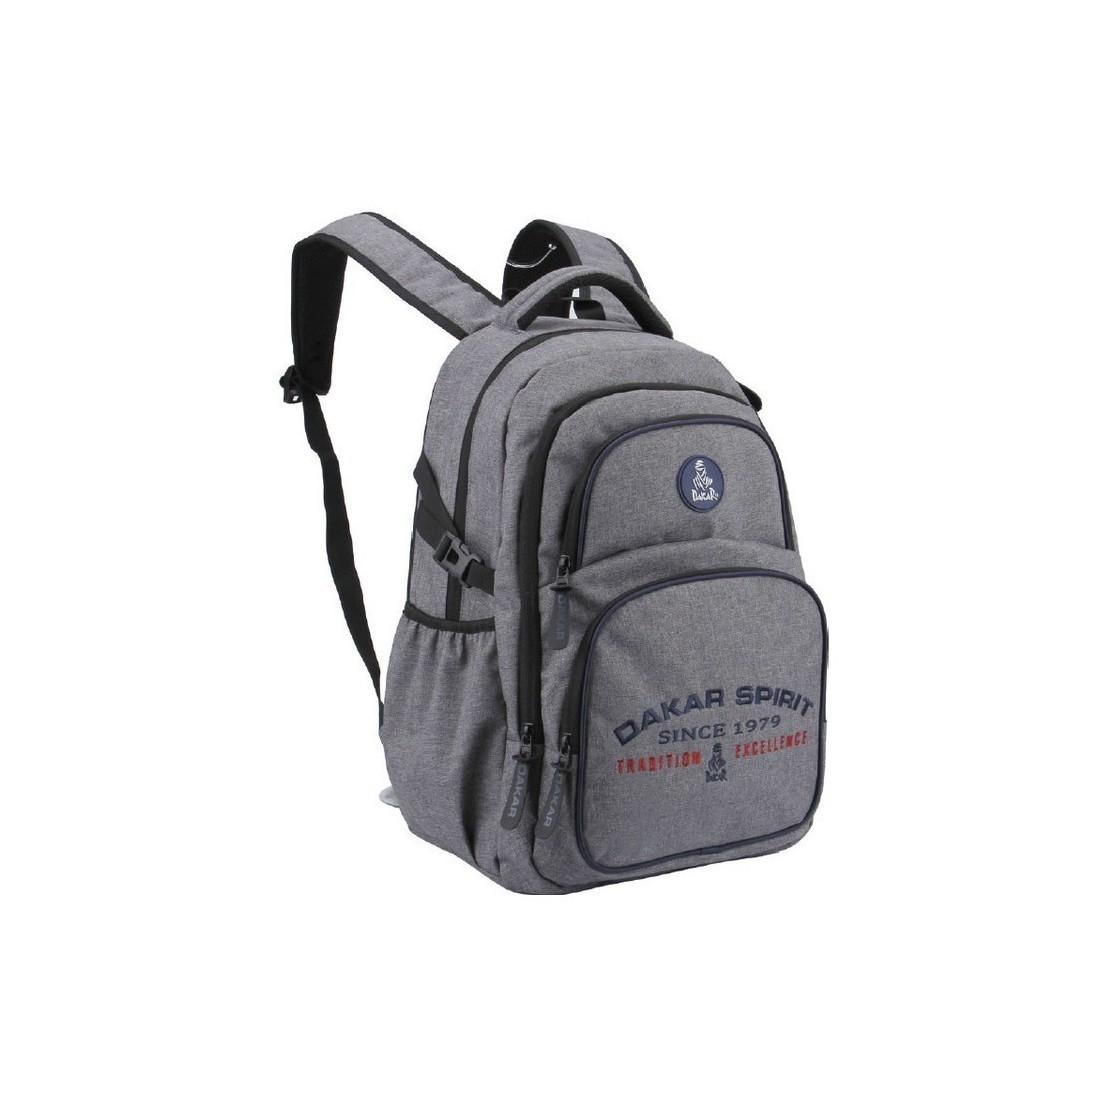 8d0708bcee701 Plecak RAJD DAKAR młodzieżowy SZARY MELANŻ sportowy z kieszenią na laptopa